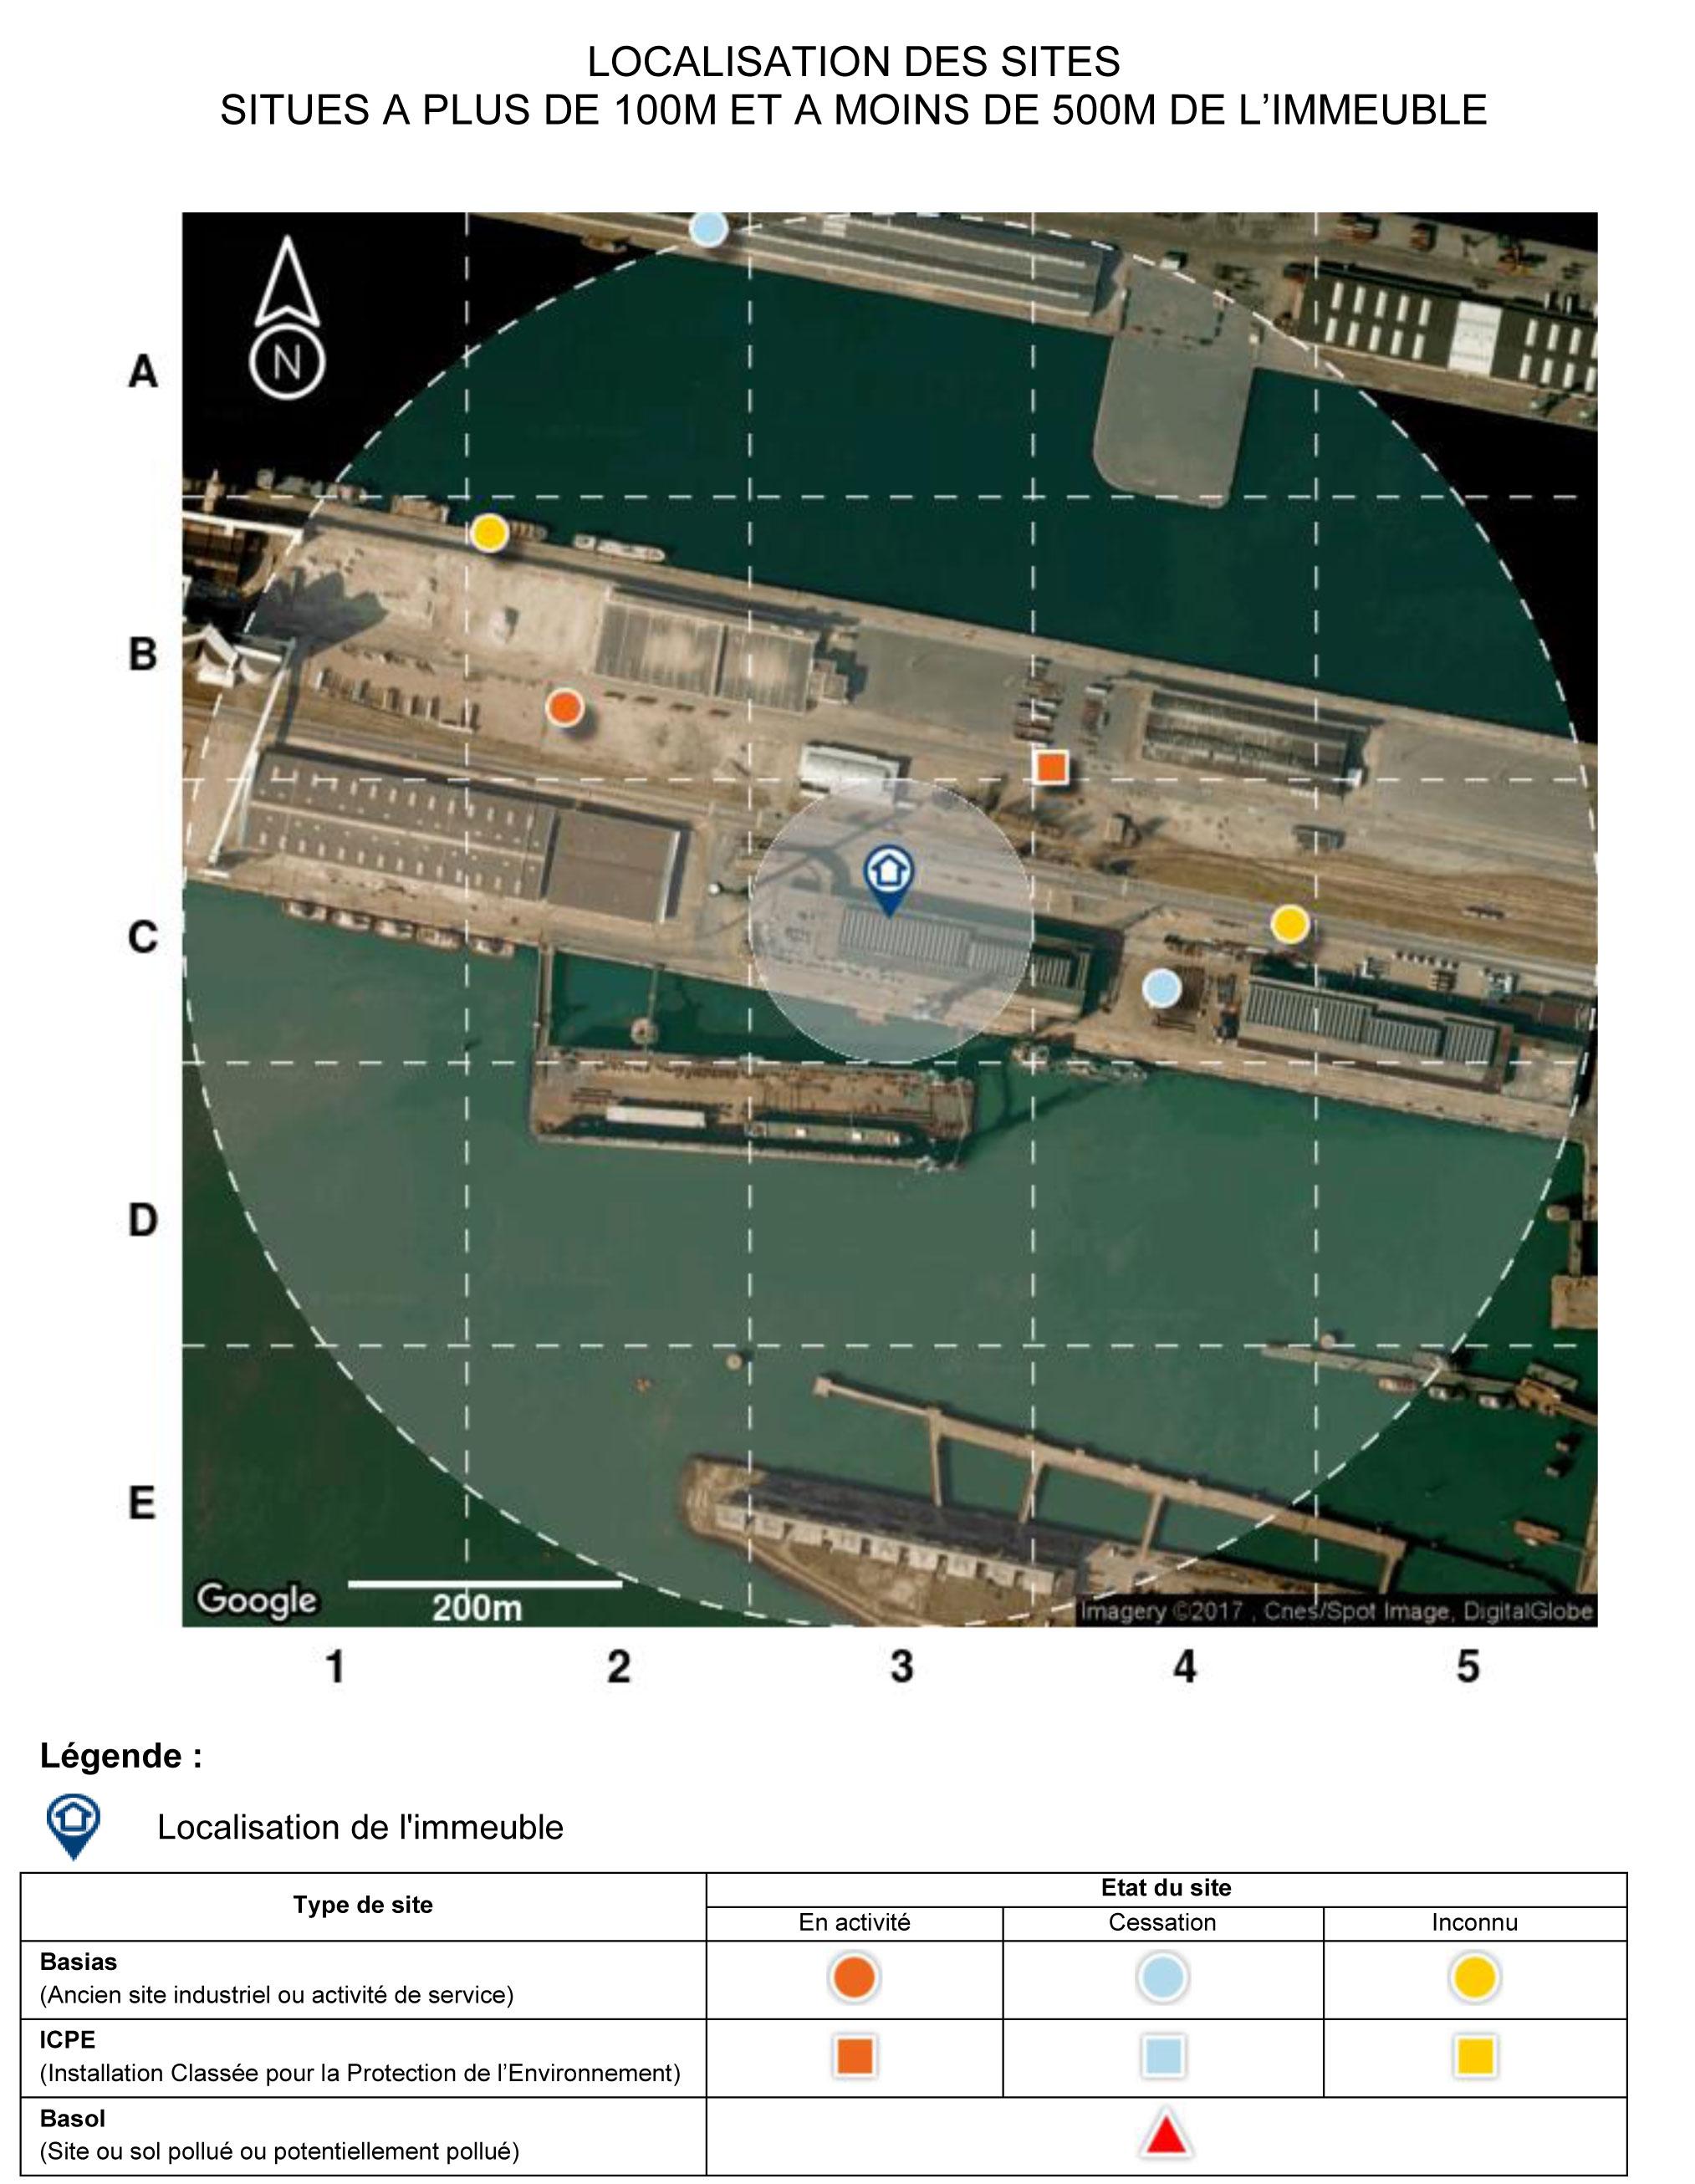 Localisation des sites BASIAS et ICPE sur un ERPS Preventimmo